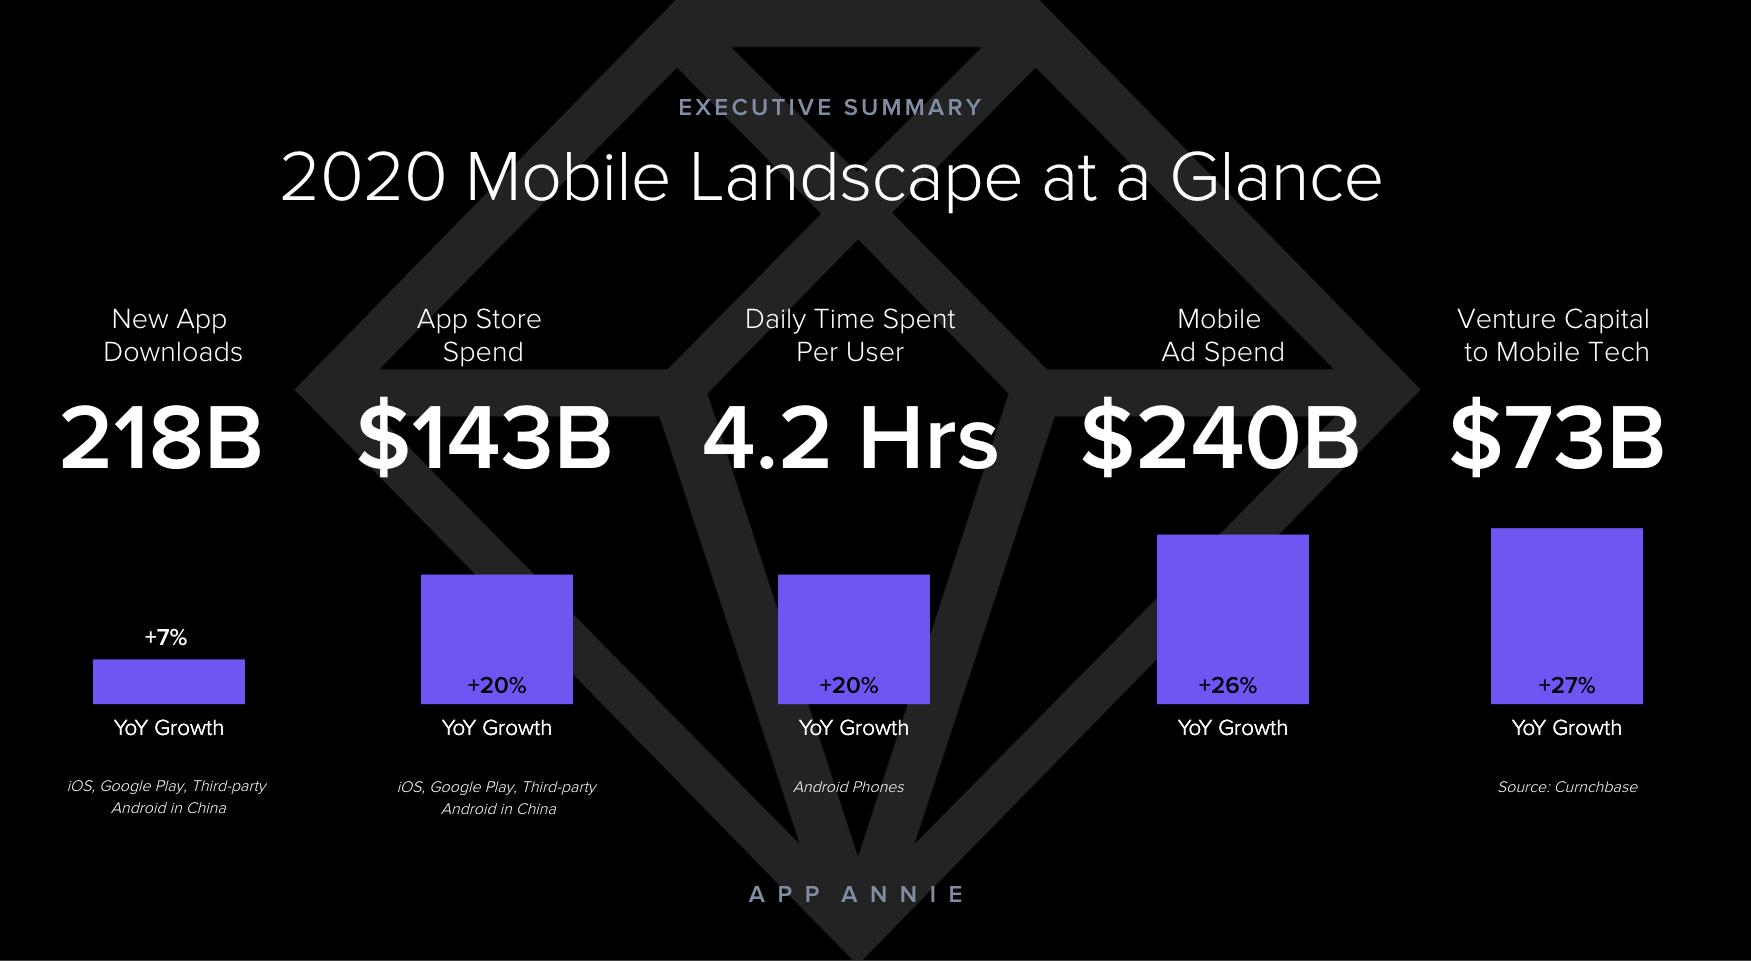 2020 mobile landscape at a glance